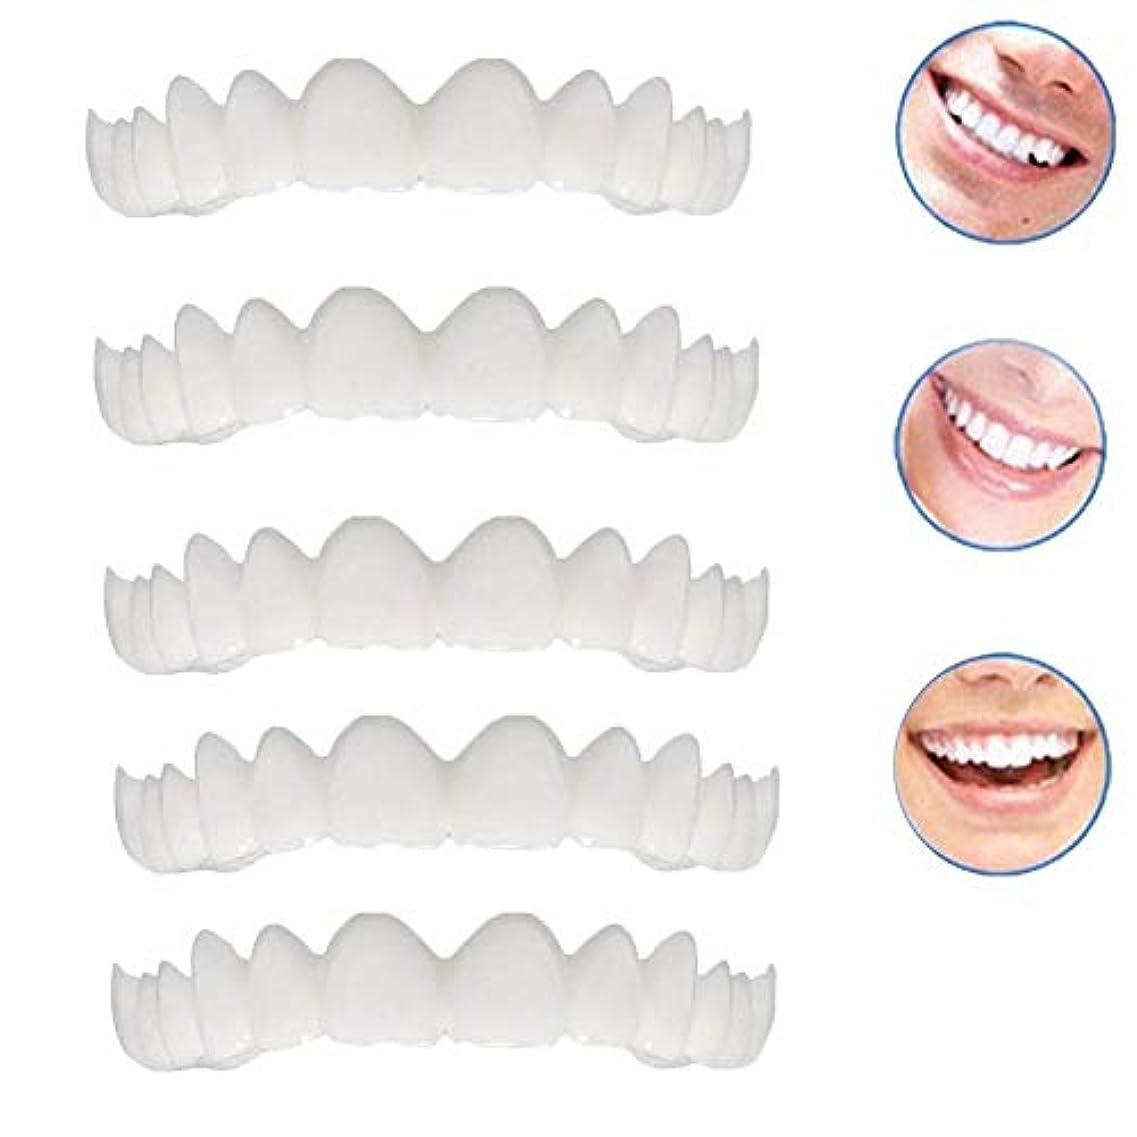 盗難定説寄り添う2本の偽のベニヤ修正歯のトップホワイトニング化粧品義歯修正のための悪い歯のための新しいプロの笑顔のベニヤ